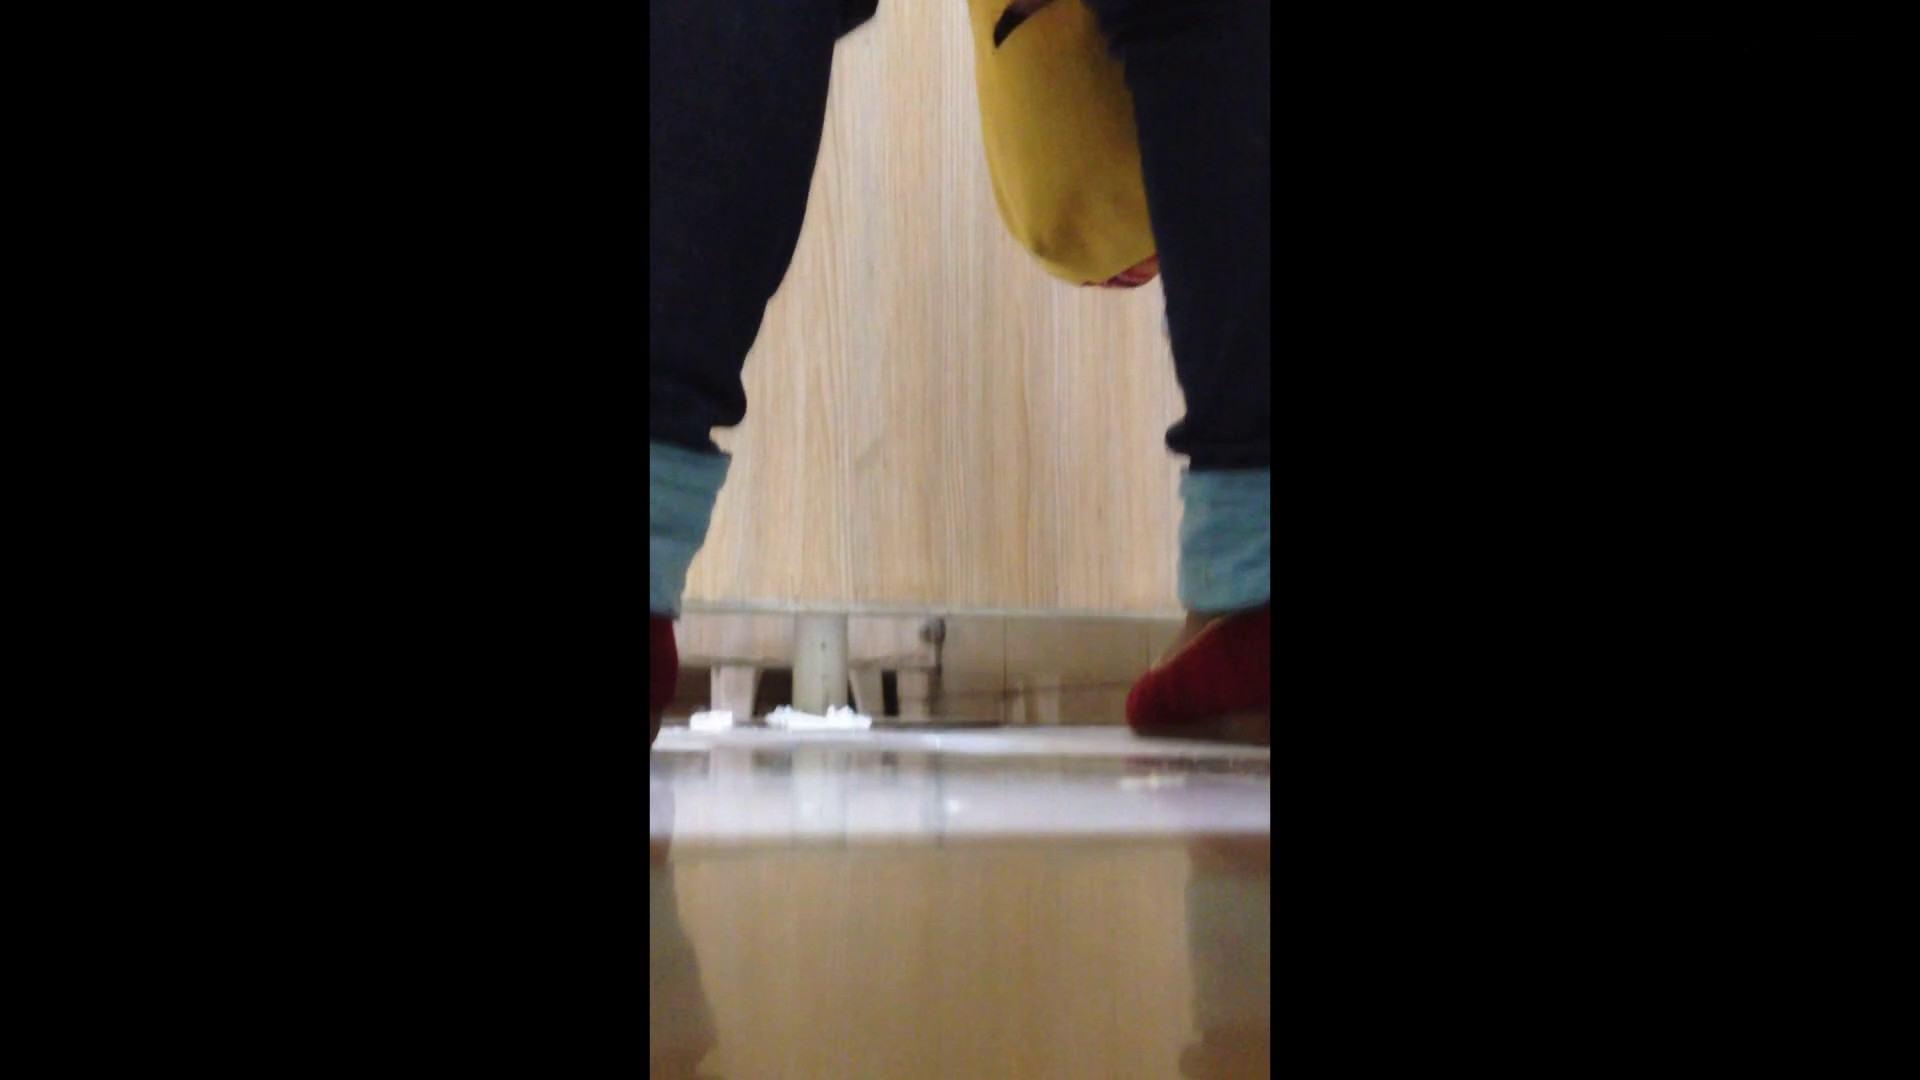 芸術大学ガチ潜入盗撮 JD盗撮 美女の洗面所の秘密 Vol.87 禁断のトイレ われめAV動画紹介 79枚 17